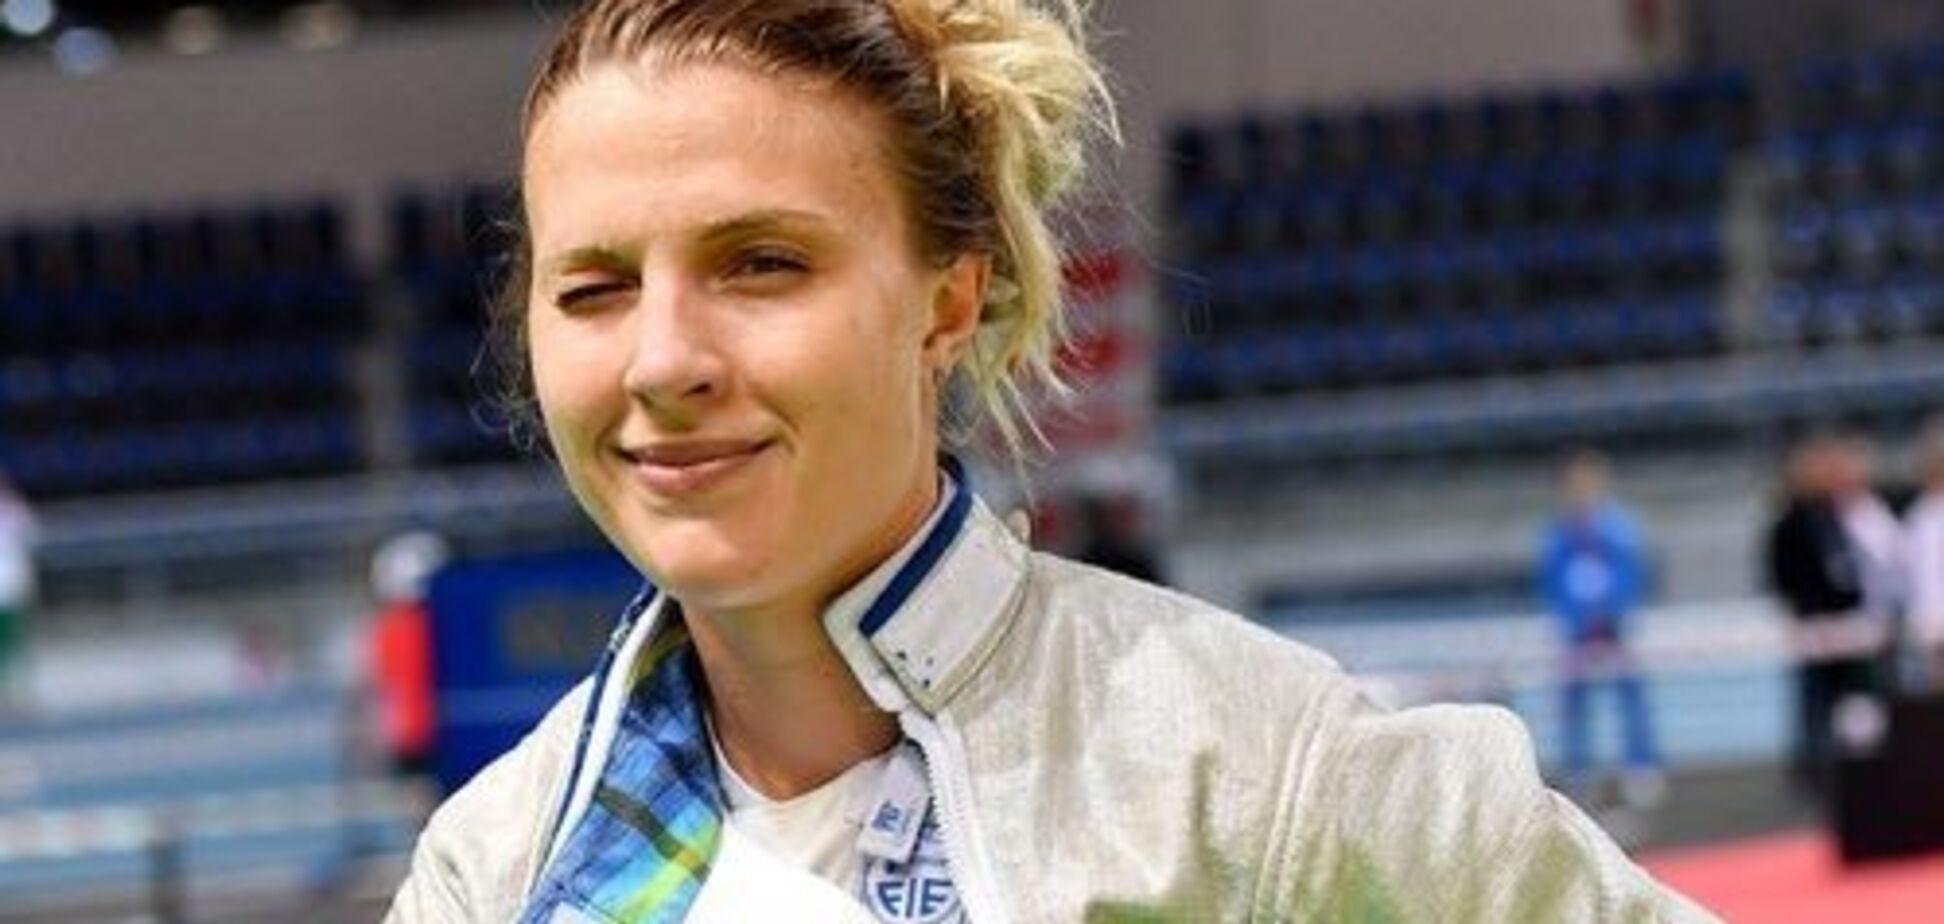 Олимпийская чемпионка из Украины восхитила соцсети сложнейшим трюком